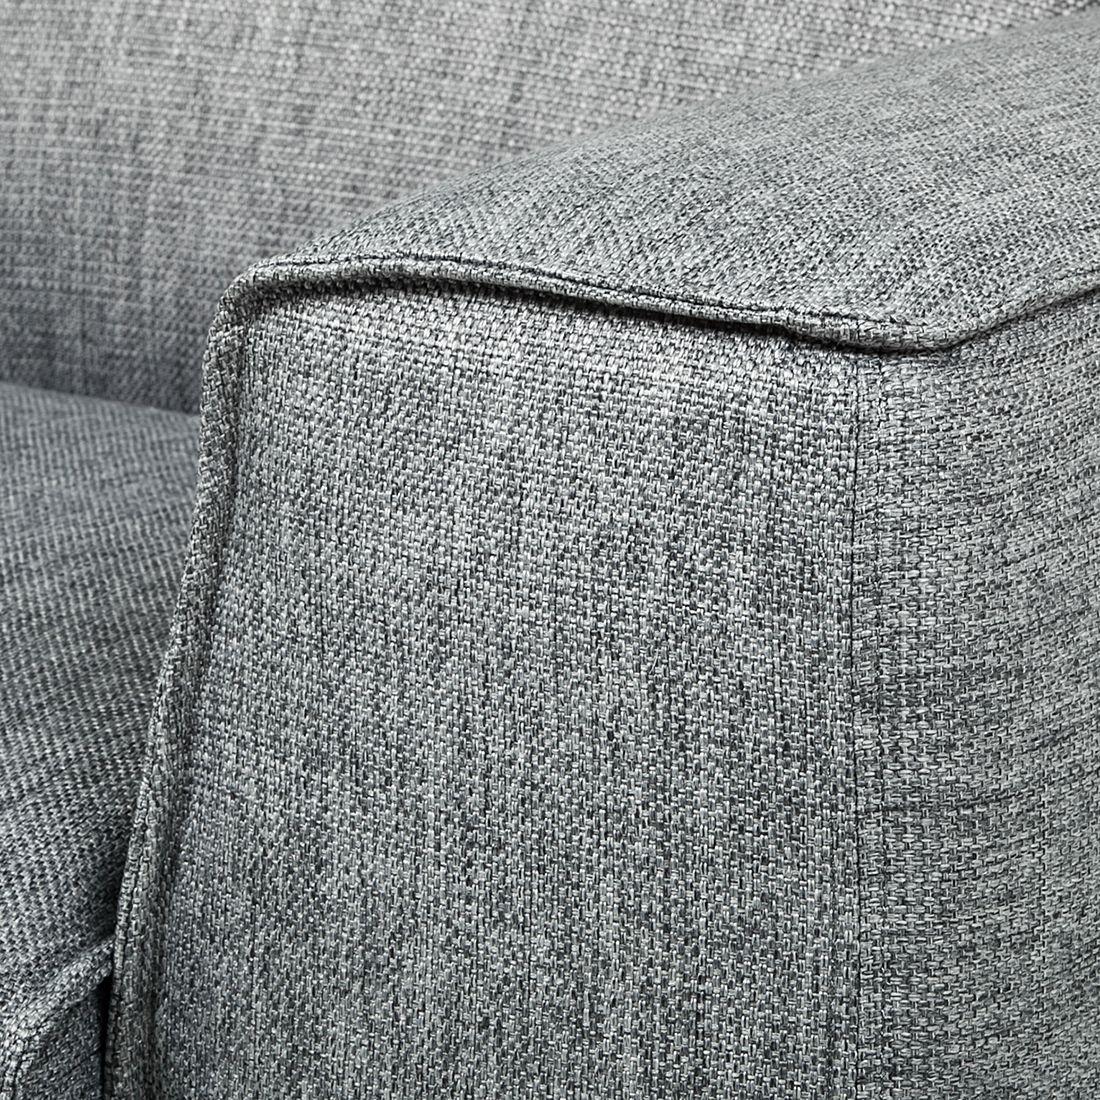 Full Size of Sofa Stoff Grau Kaufen Chesterfield Graues Reinigen Big Schlaffunktion Couch Meliert Grober Sofas Ikea Gebraucht 3er Grauer 2 Sitzer Neu Schn Terassen Sofa Sofa Stoff Grau